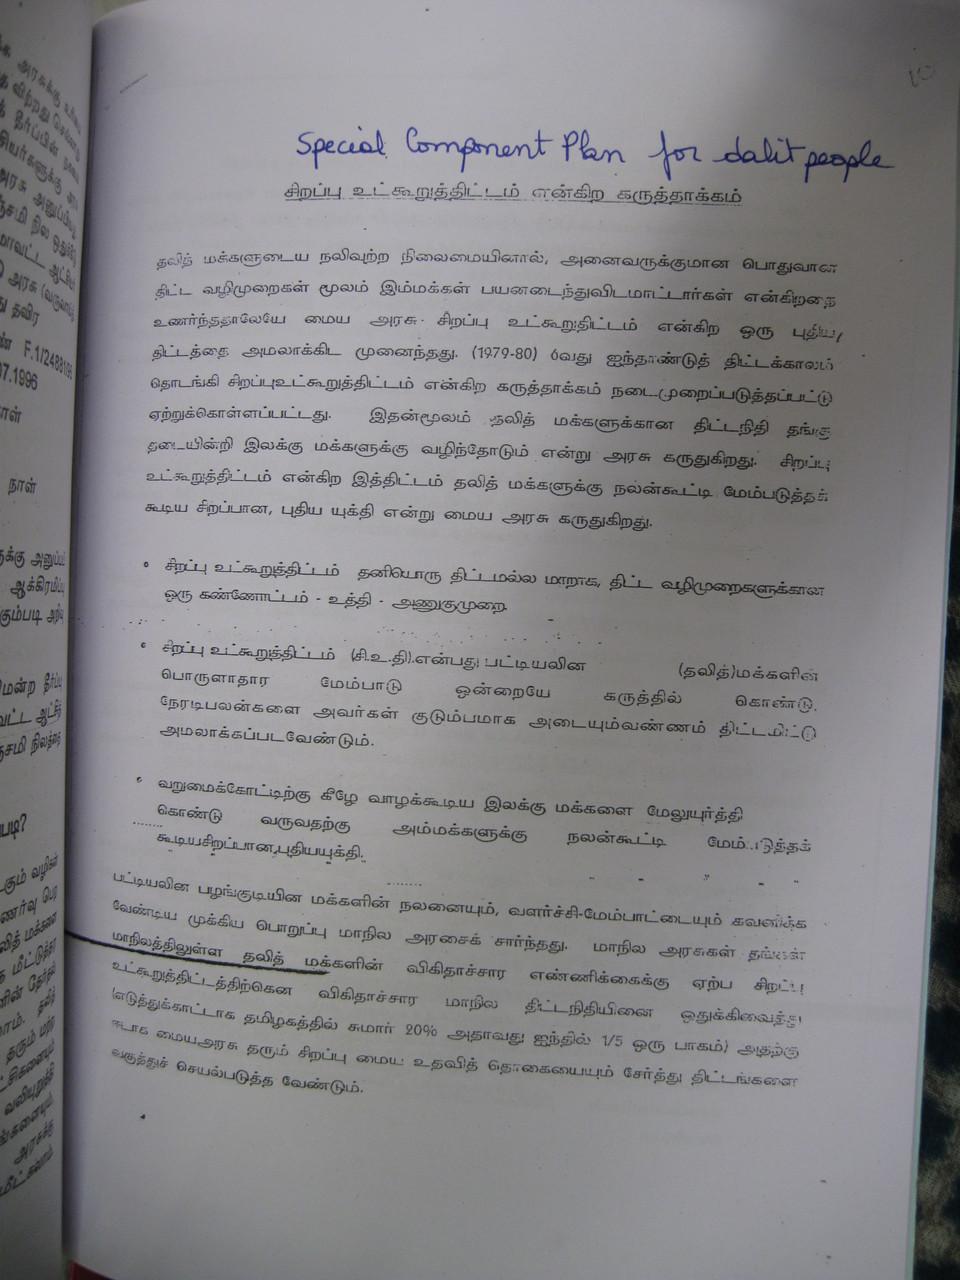 Novembre 2014 - Plan spécial transversal pour les castes répertoriées du gouvernement indien